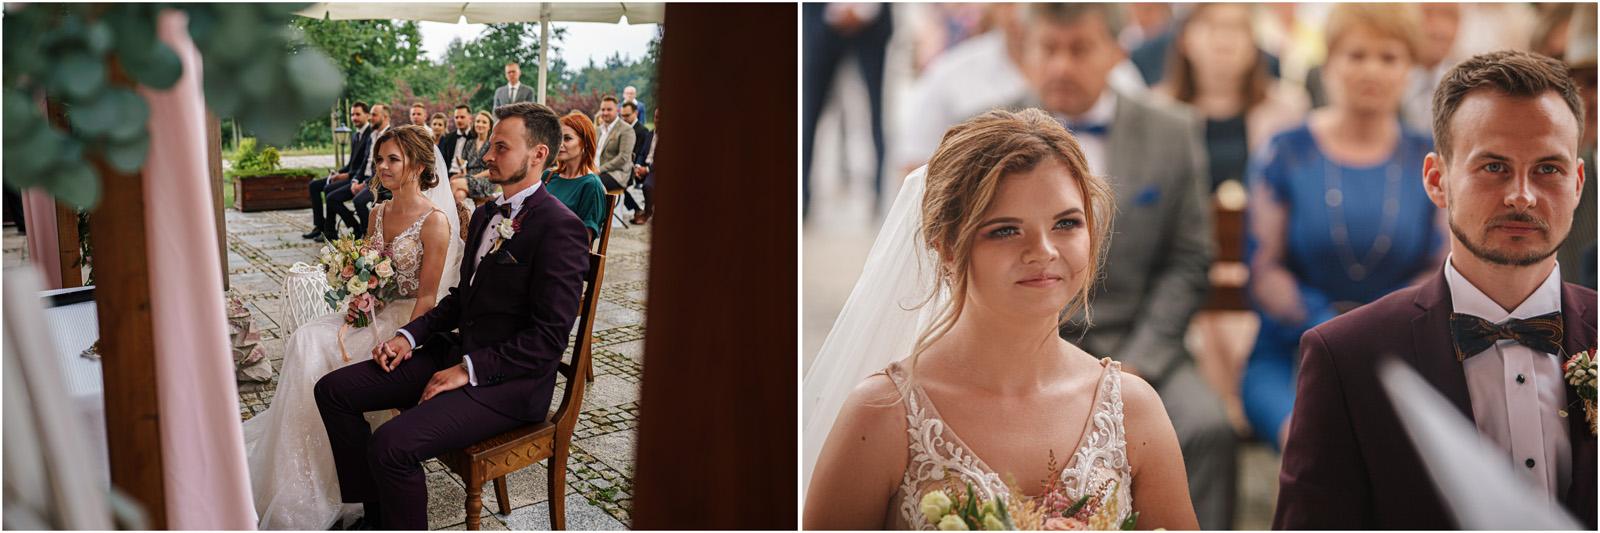 Kasia & Damian   ślub plenerowy w Kuźni Smaków i sesja w skansenie 31